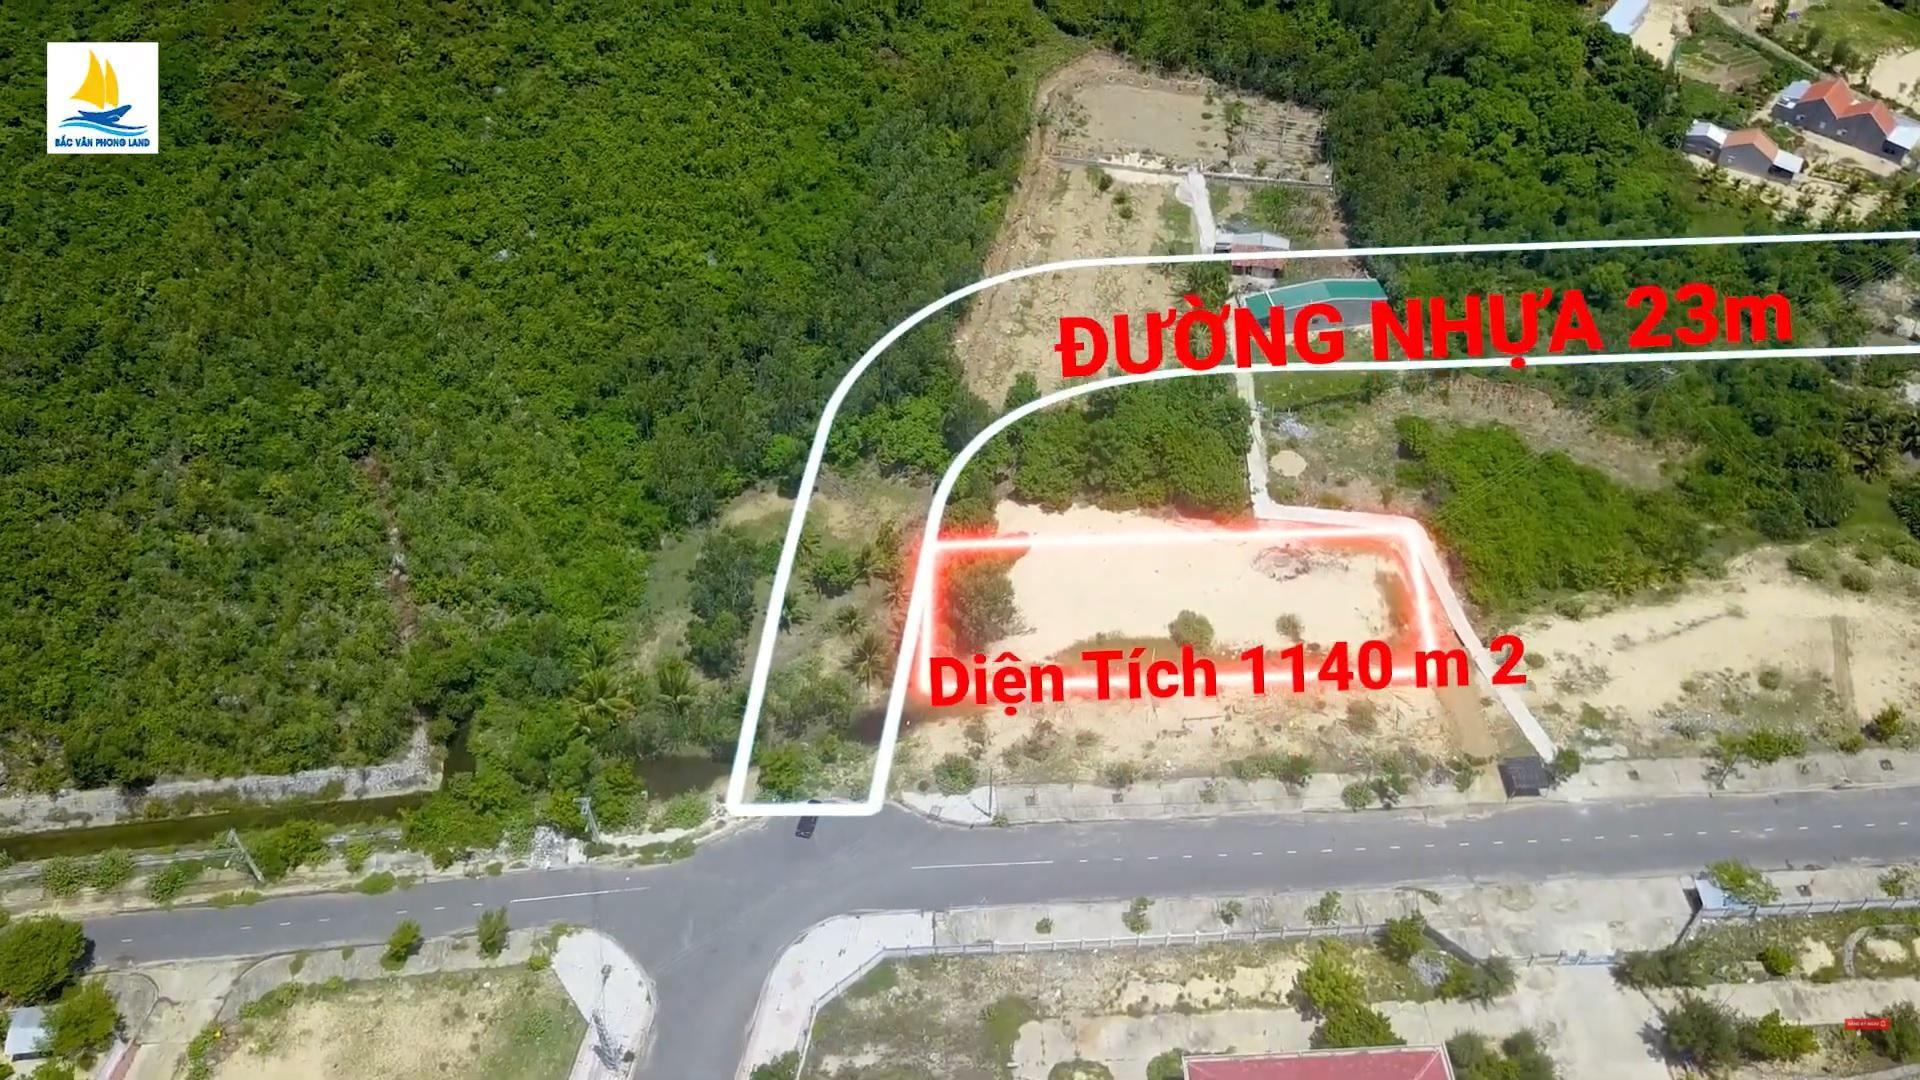 Lô đất Vĩnh Yên 1140m2